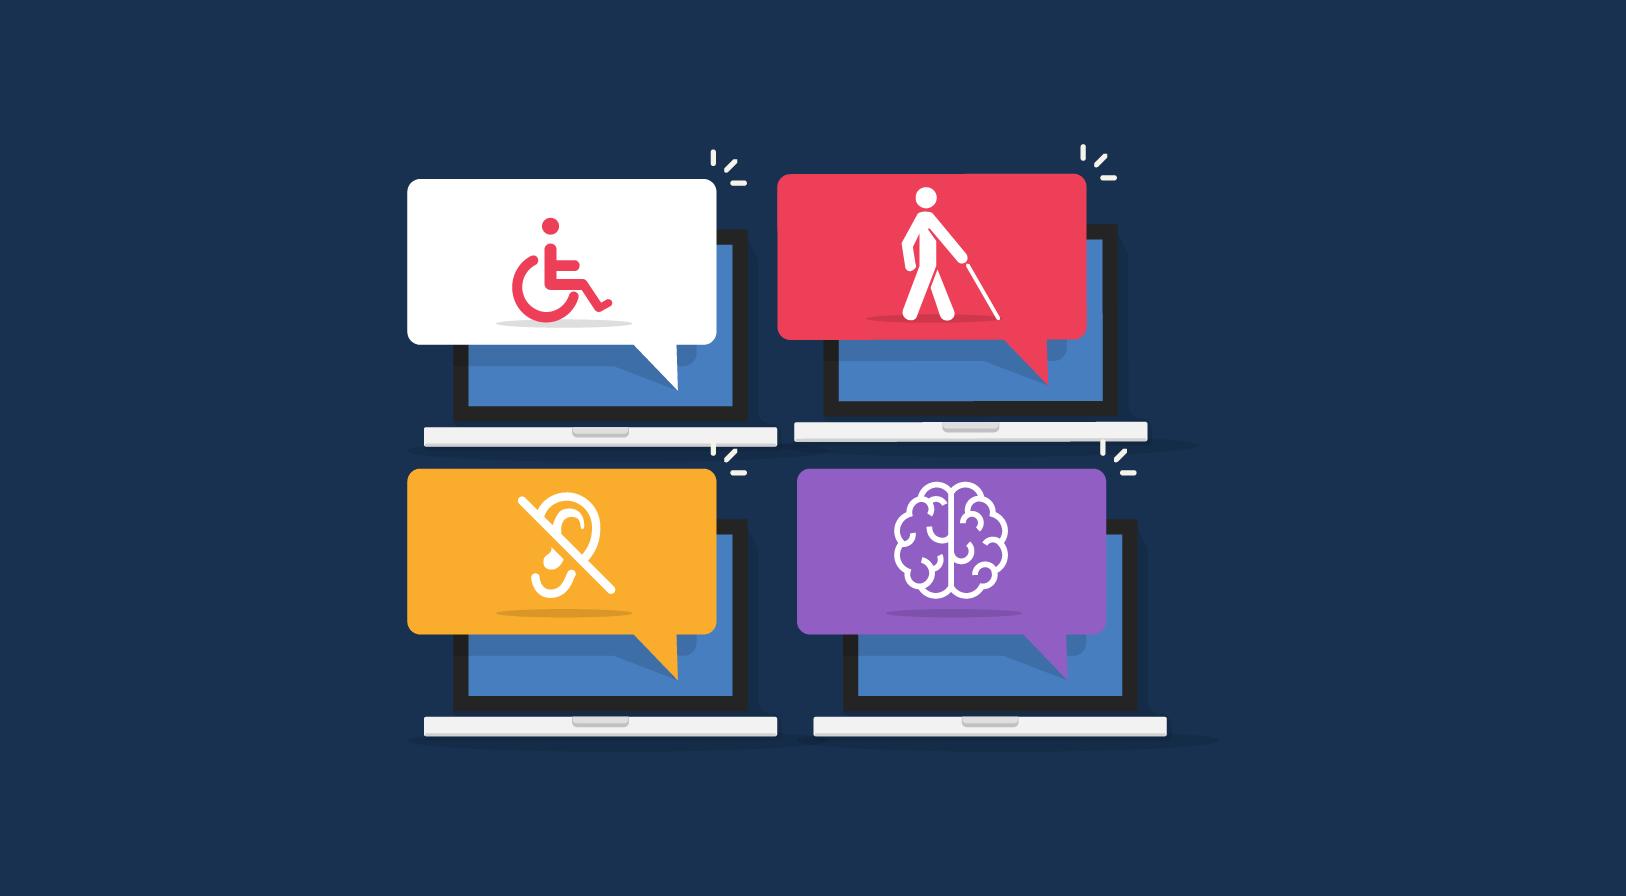 computadores-adaptados-para-deficientes-navegarem-na-internet